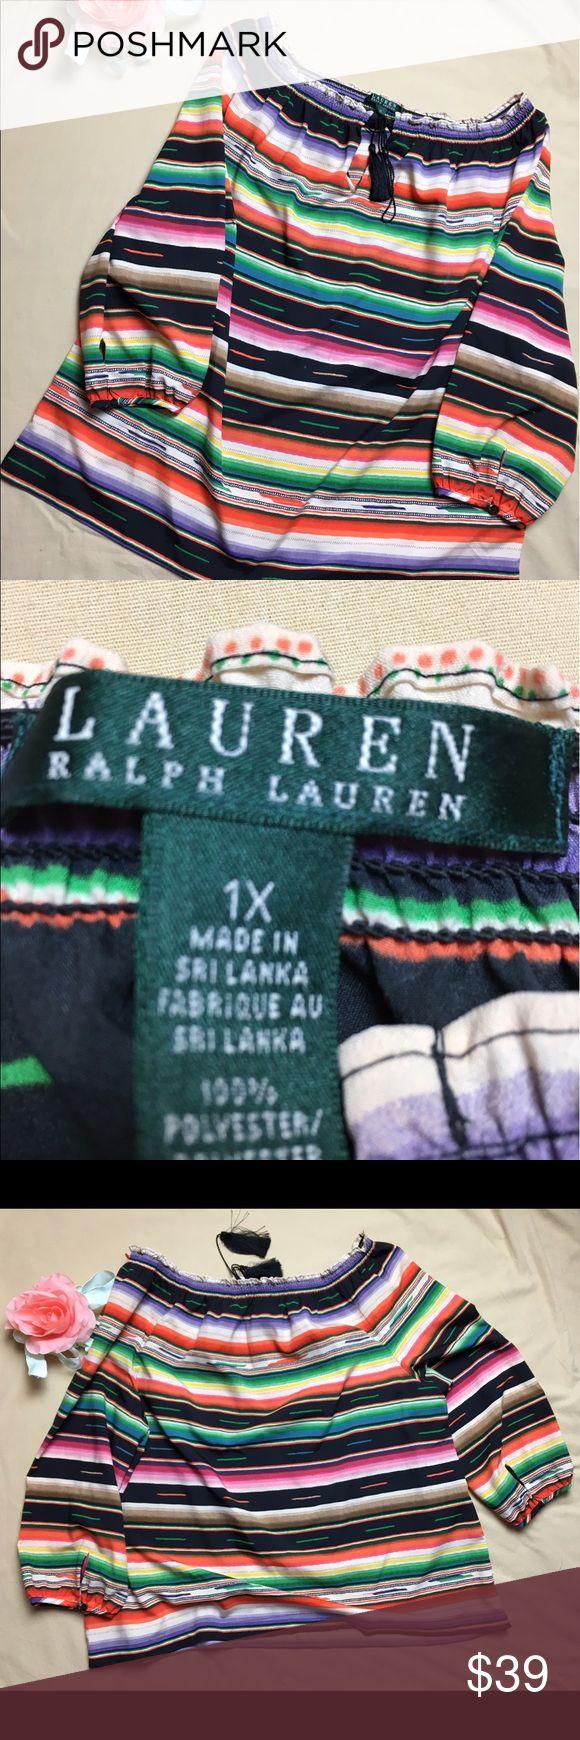 Lauren Ralph Lauren boho Top Blouse 1X Lauren Ralph Lauren Stripped Boat Neck Boho Top Blouse Tassel Size 1X Lauren Ralph Lauren Tops Blouses